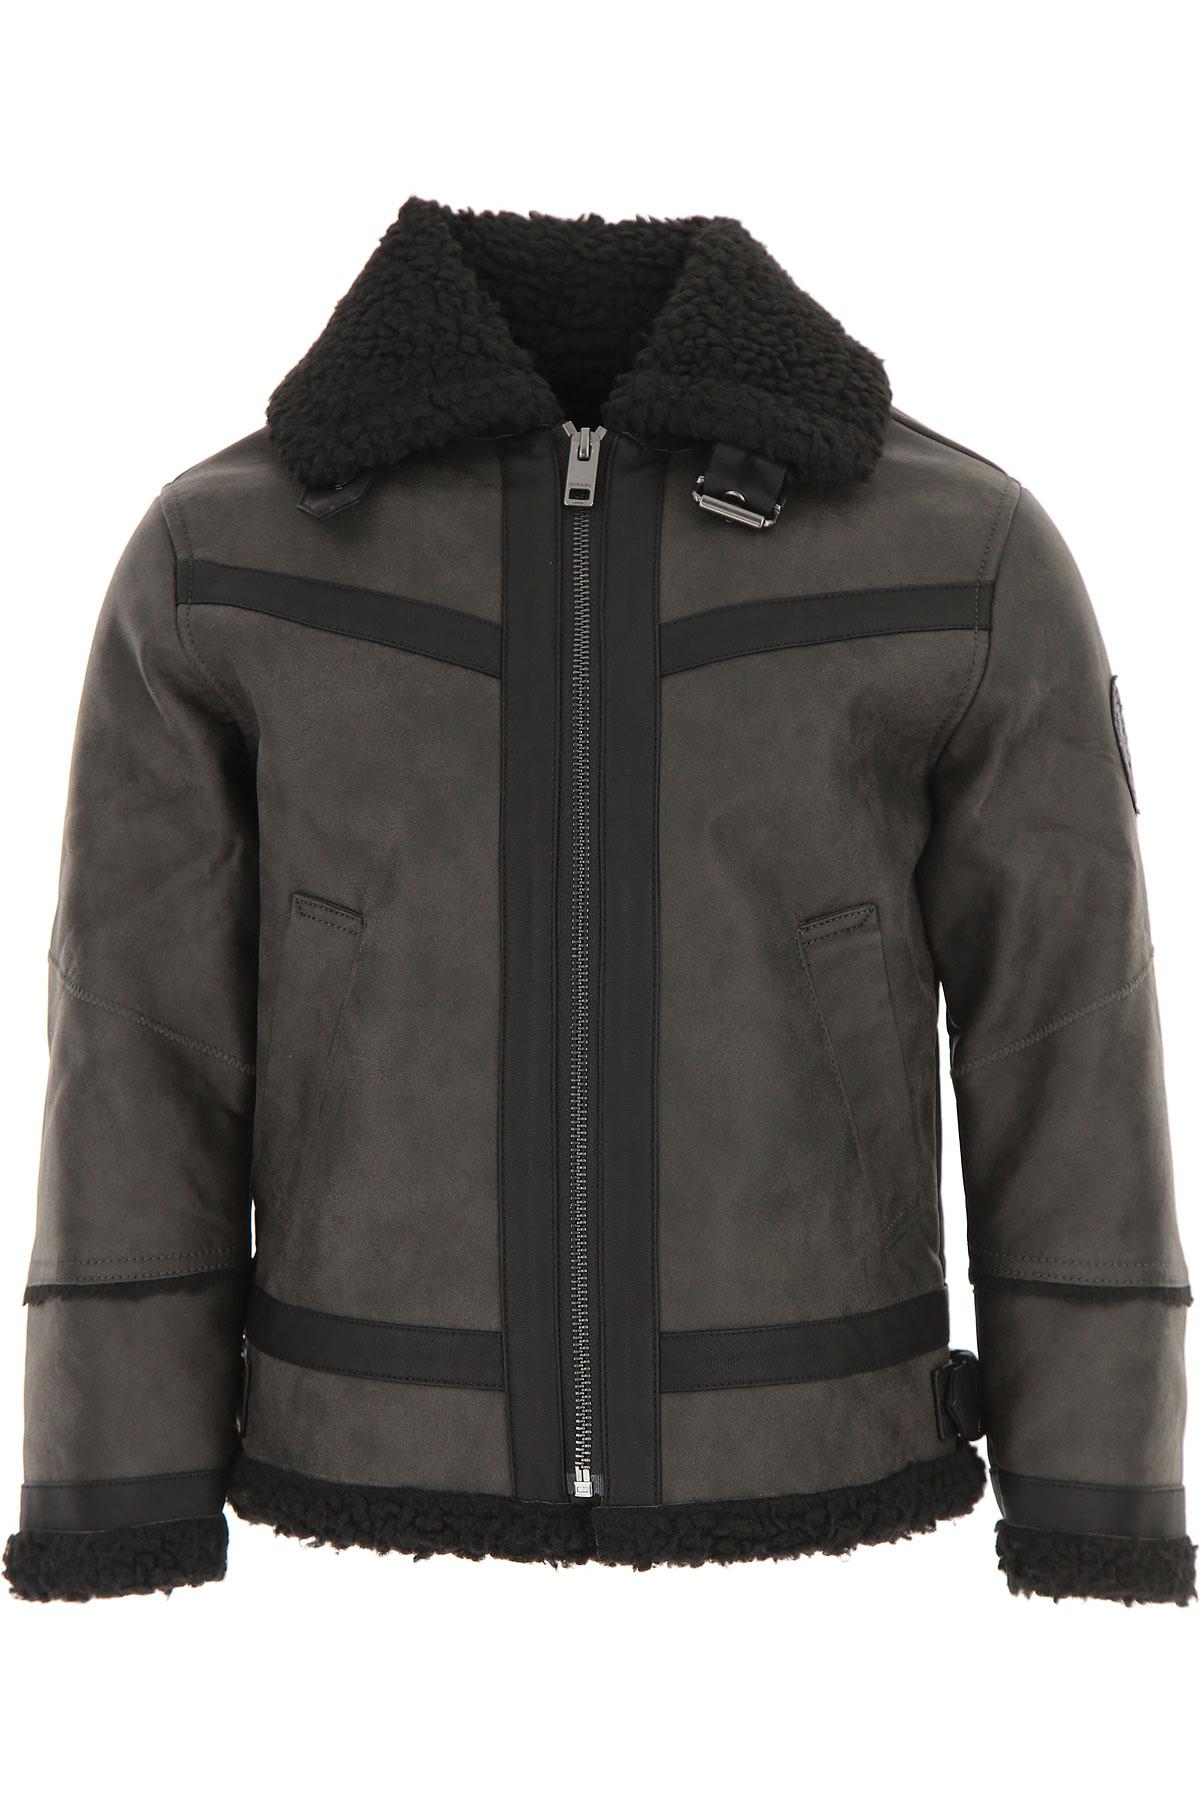 Image of Diesel Kids Jacket for Boys, Black, Rayon-Viscose, 2017, 10Y 14Y 6Y 8Y